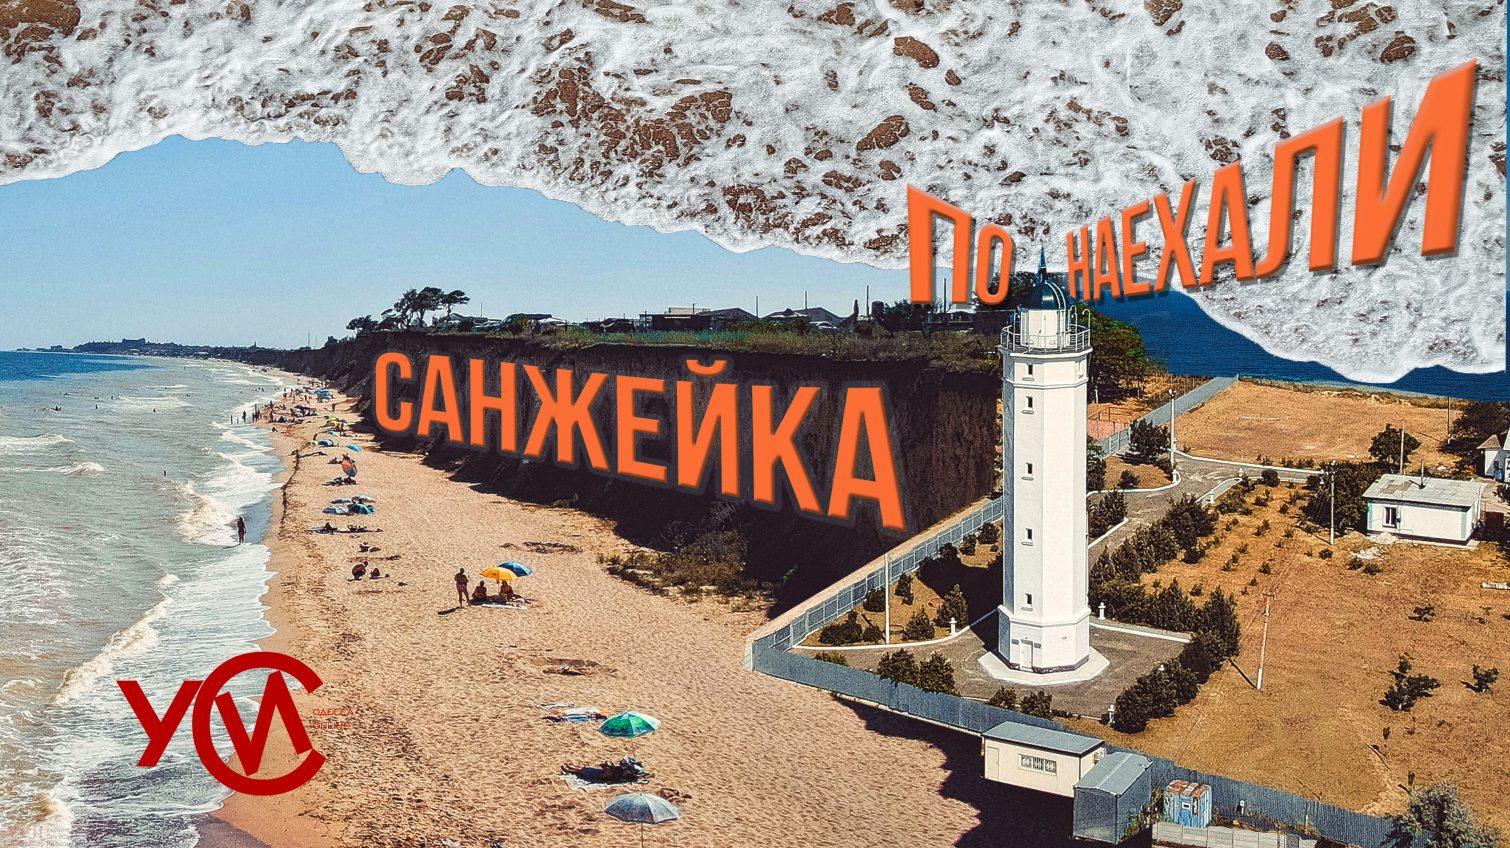 Улетные выходные: почем курорт Санжейка? «фото»